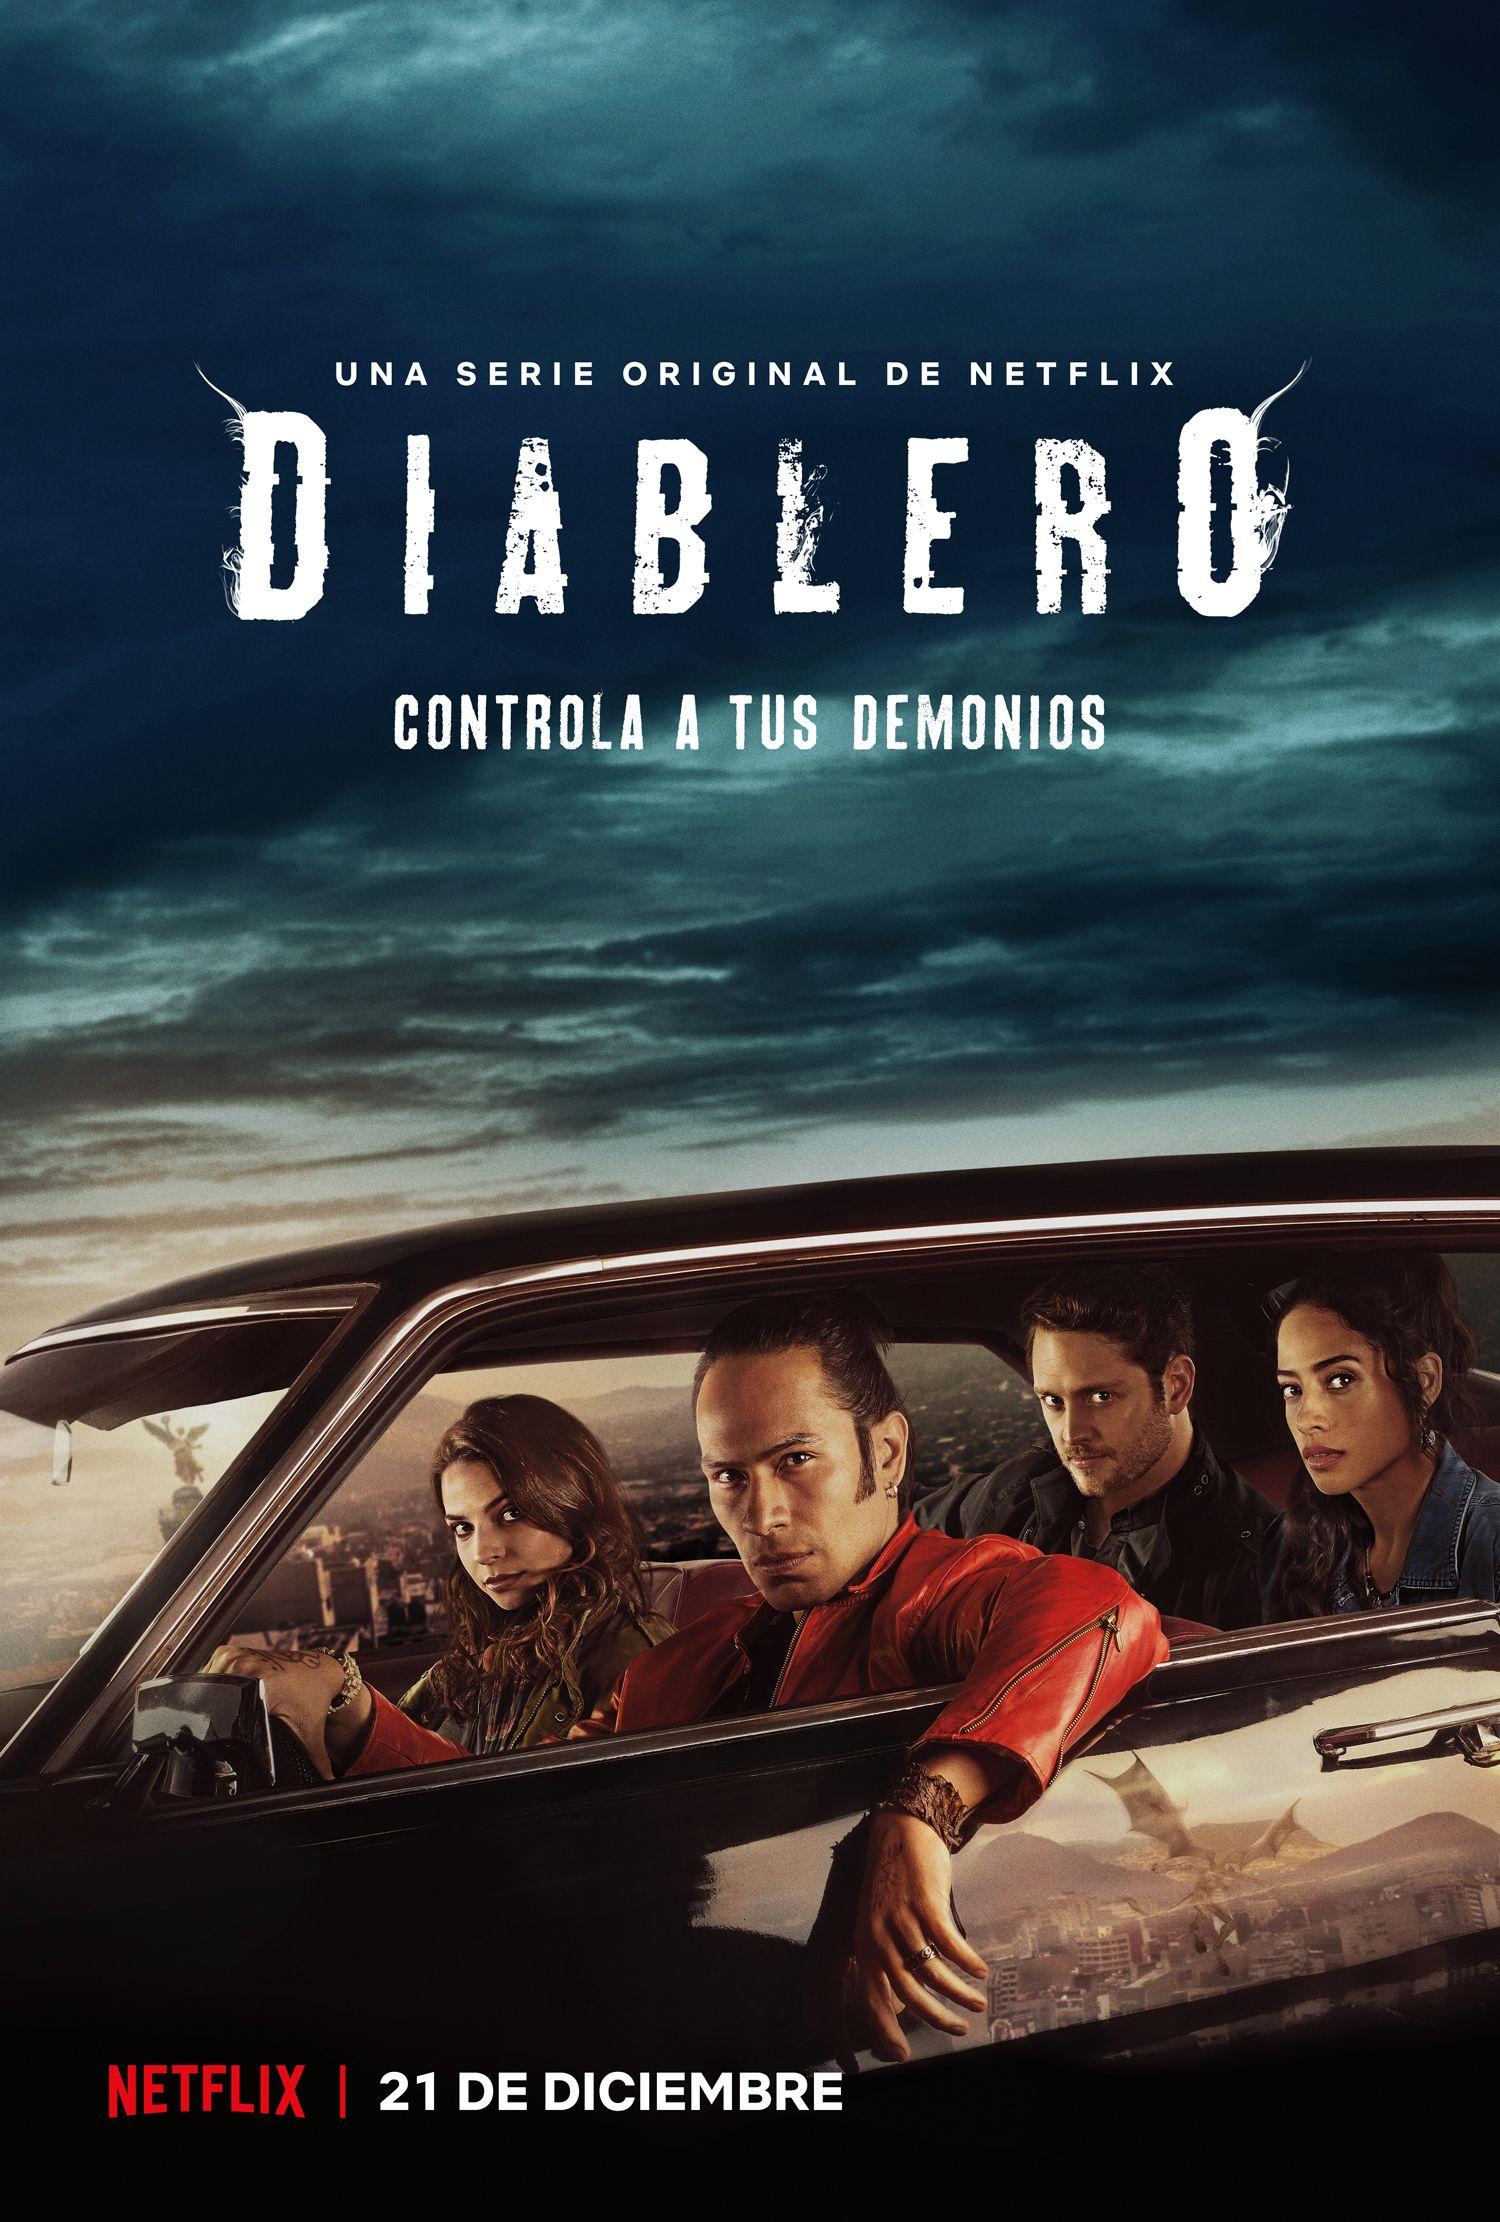 Diablero Watch List In 2019 Movies Tv Series Season 1